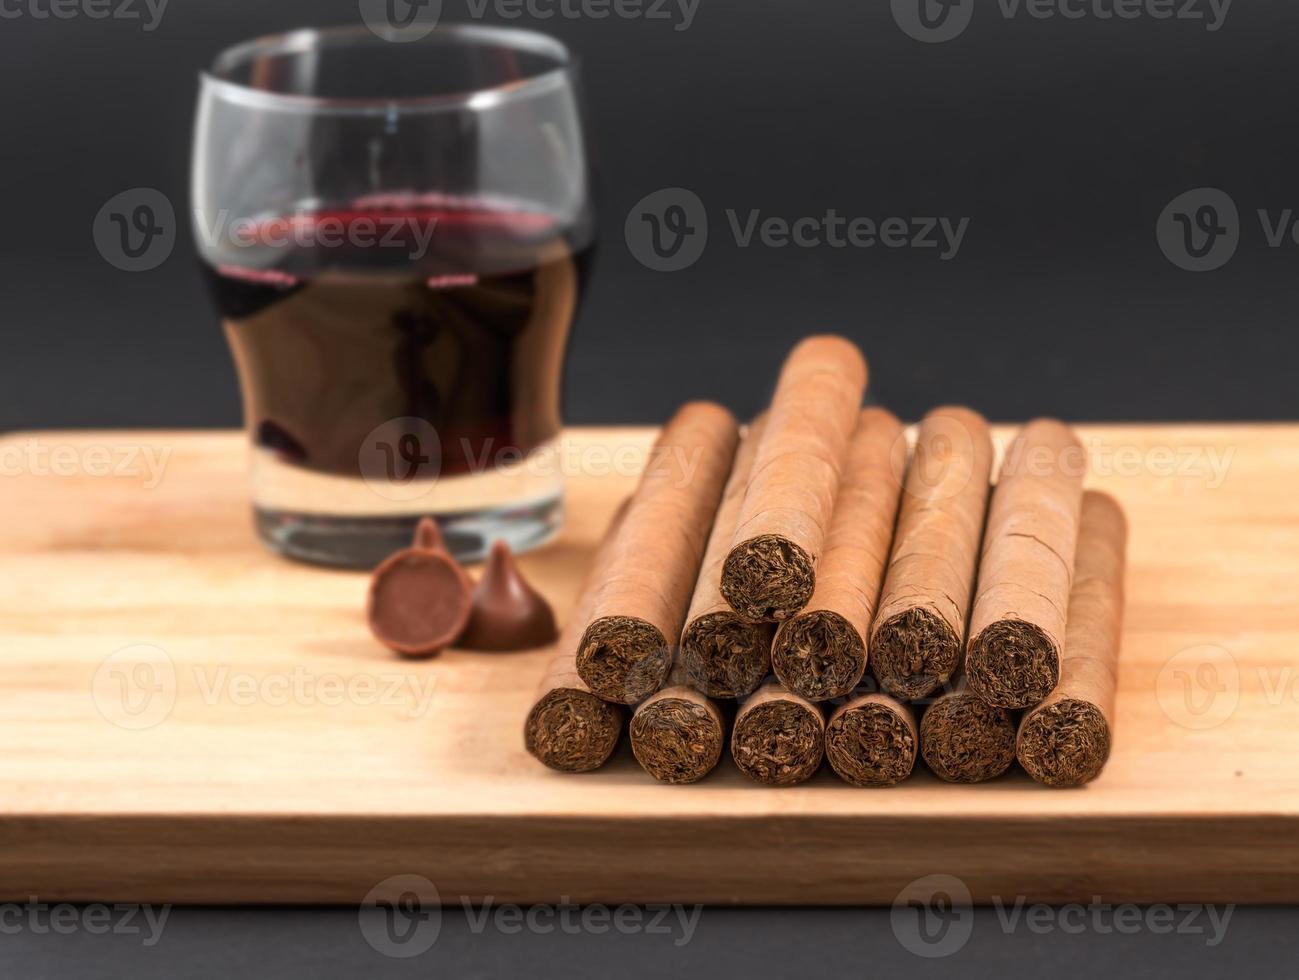 mundialmente famosos charutos cubanos enrolados à mão com vinho tinto foto